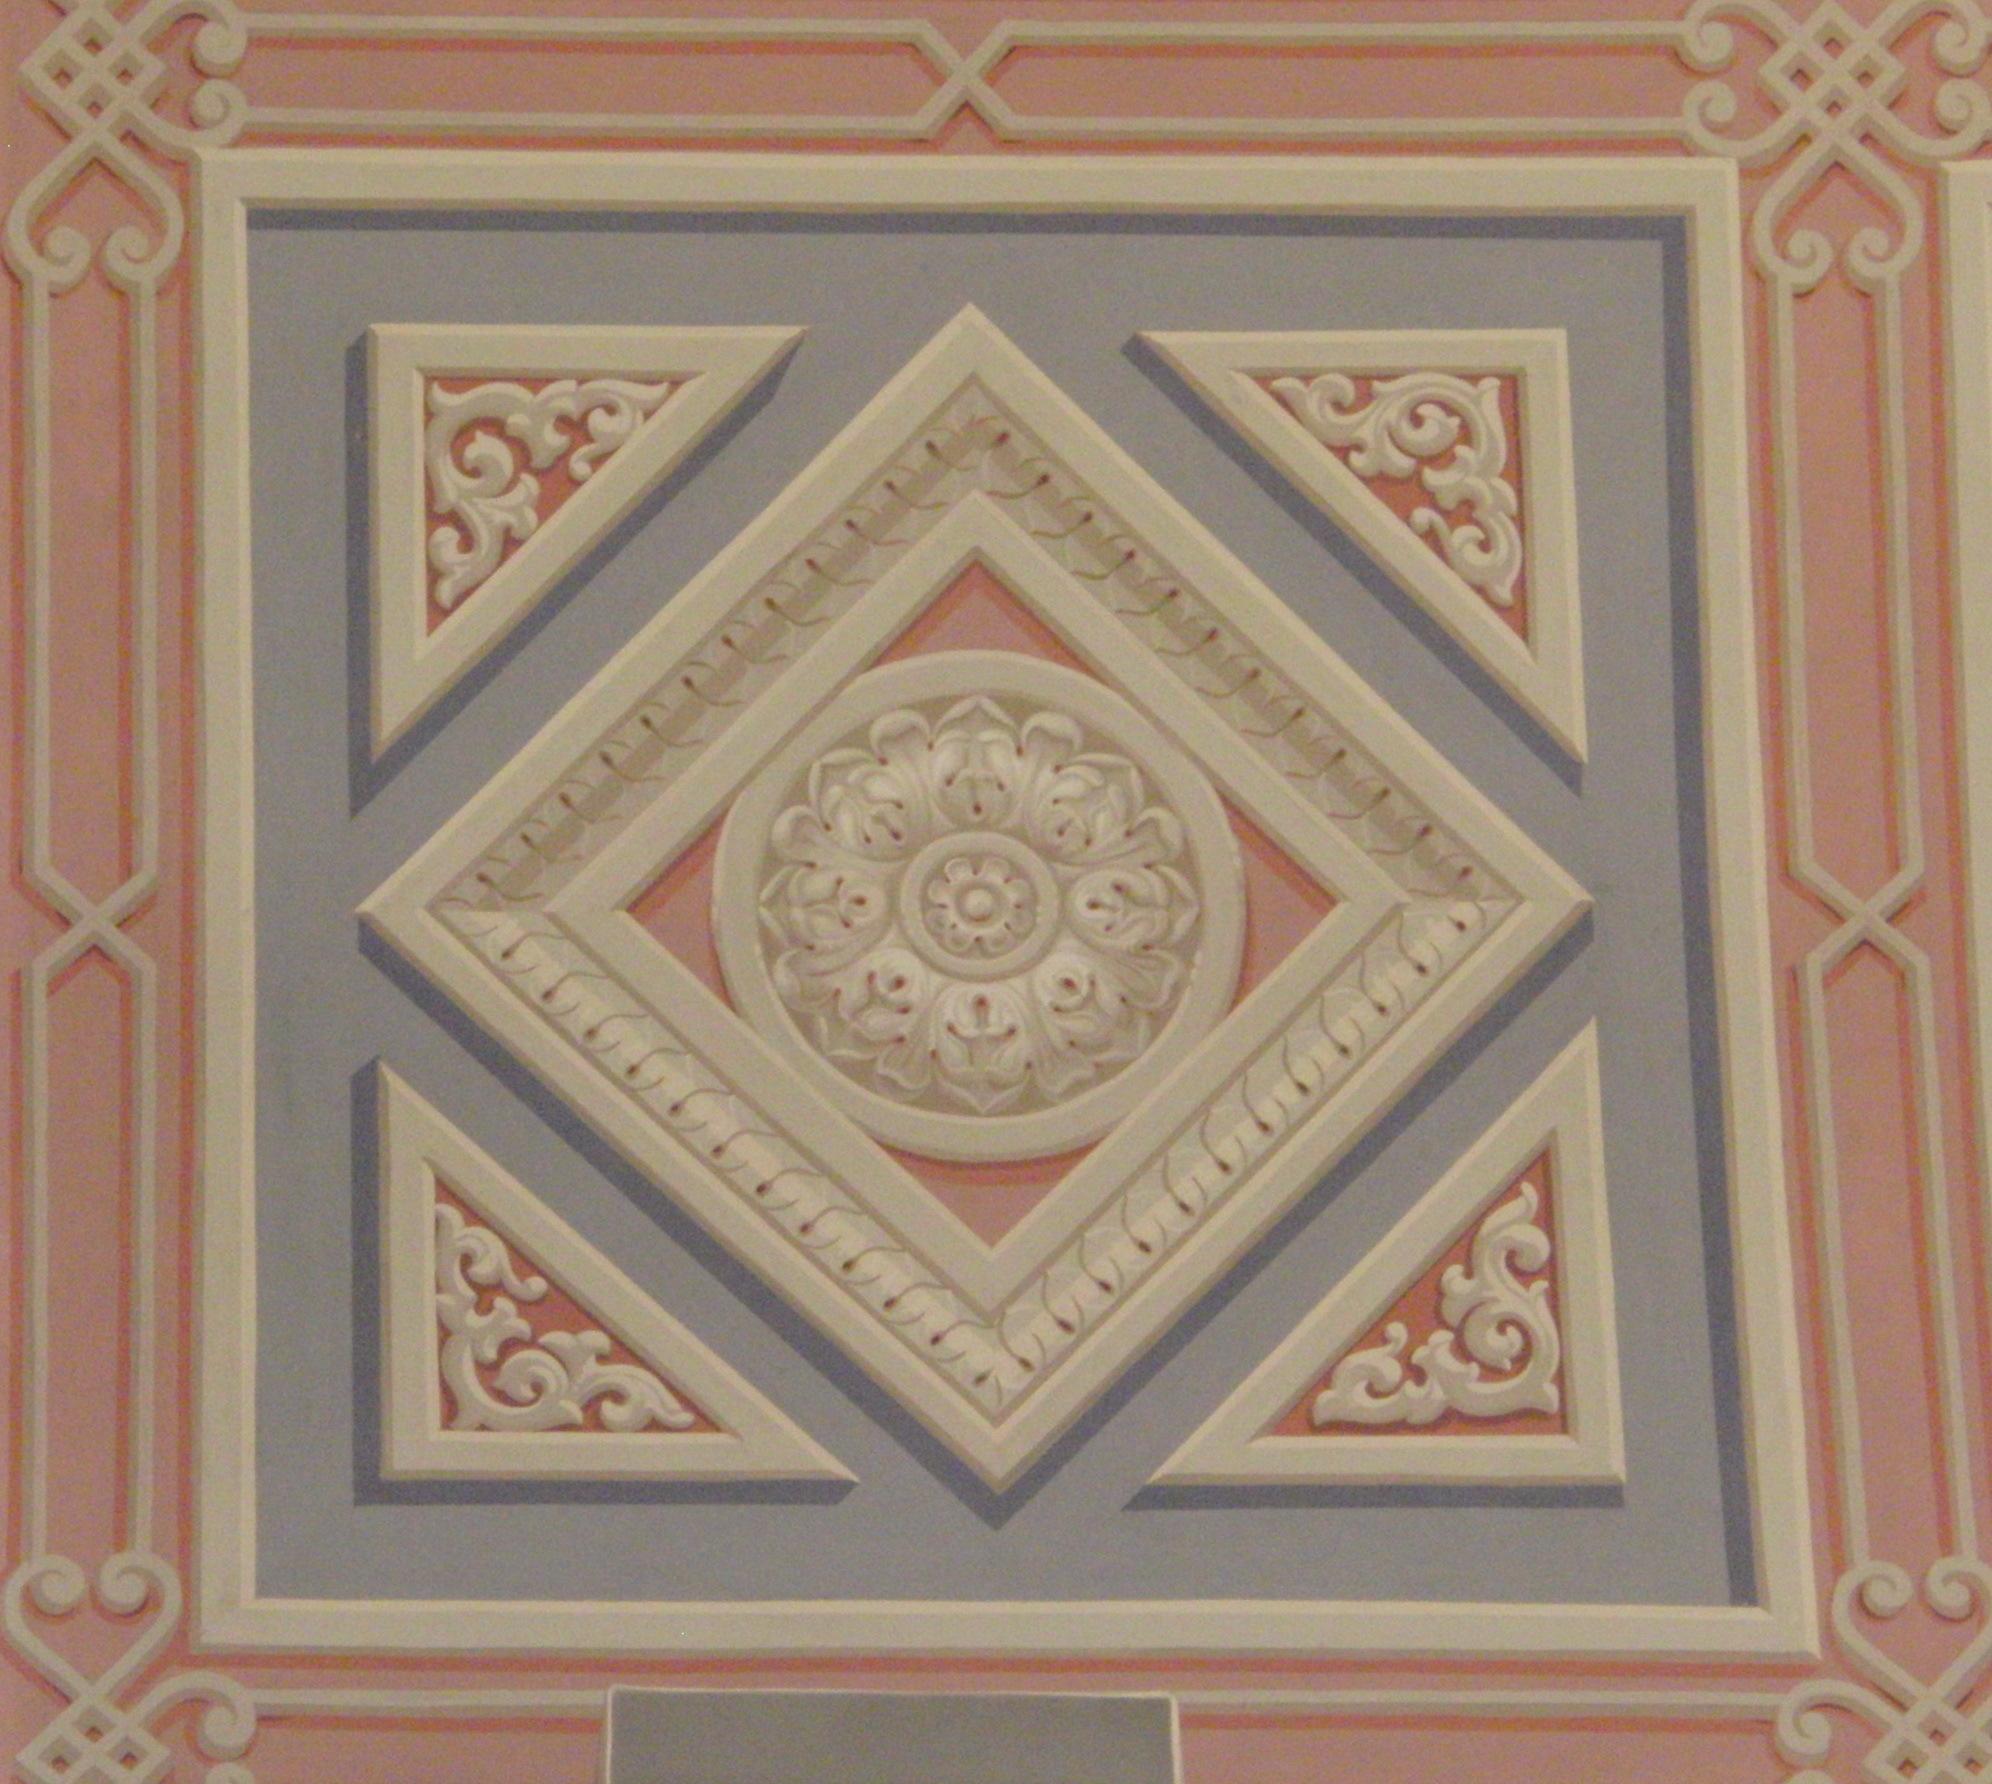 Фрагмент росписи в Главном фойе в технике гризайль